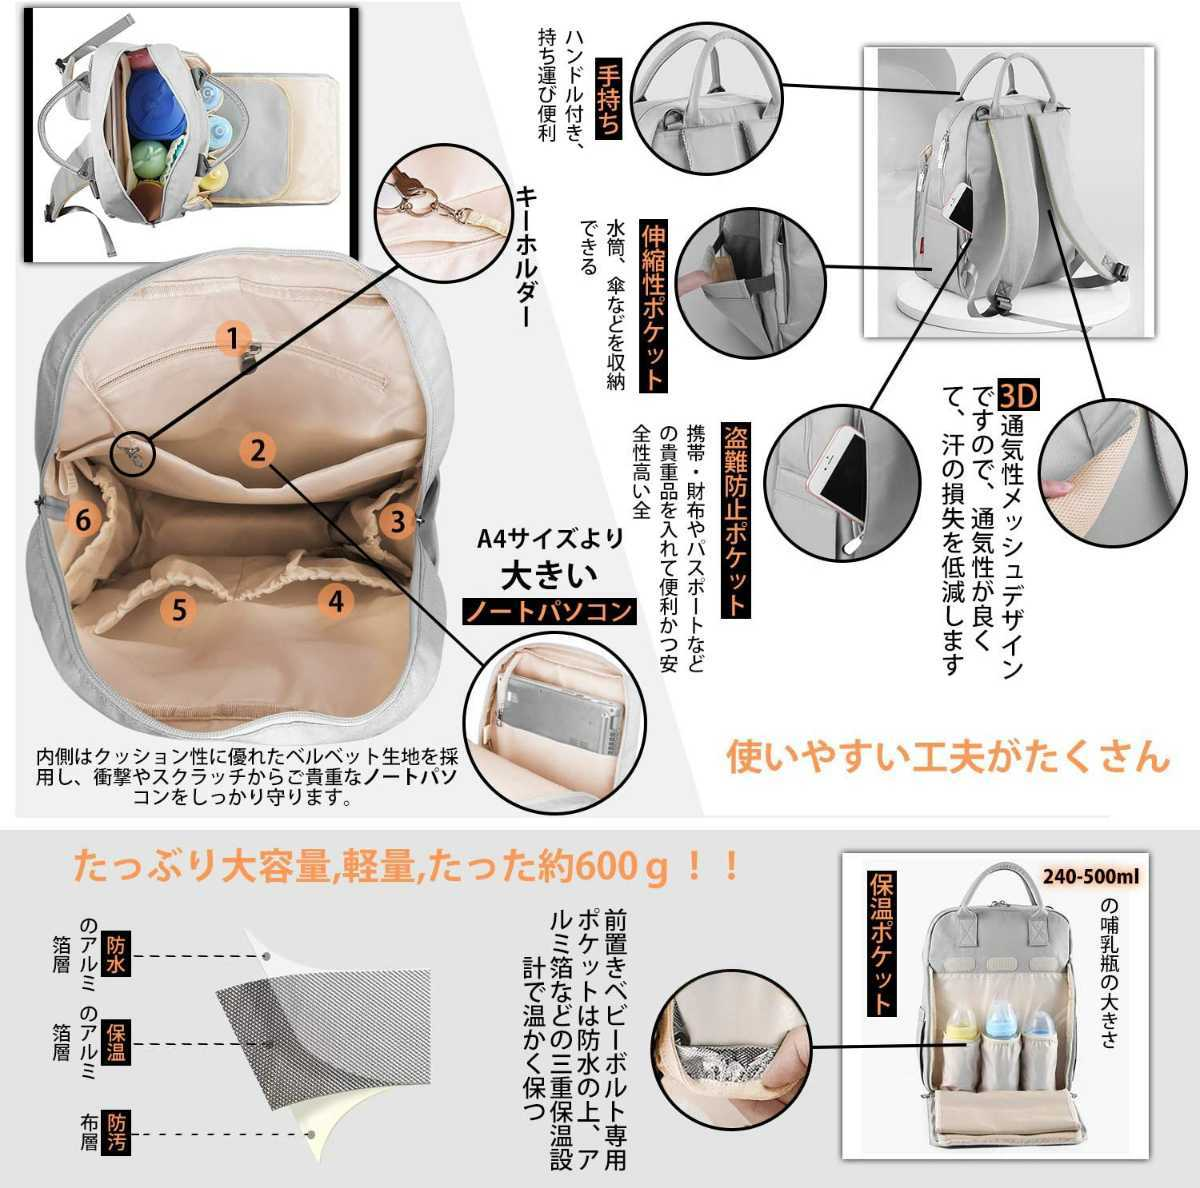 新品☆軽量・大容量3wayマザーズバッグ リュック☆グレー40×30×12cm 哺乳瓶専用収納あり 出産祝い